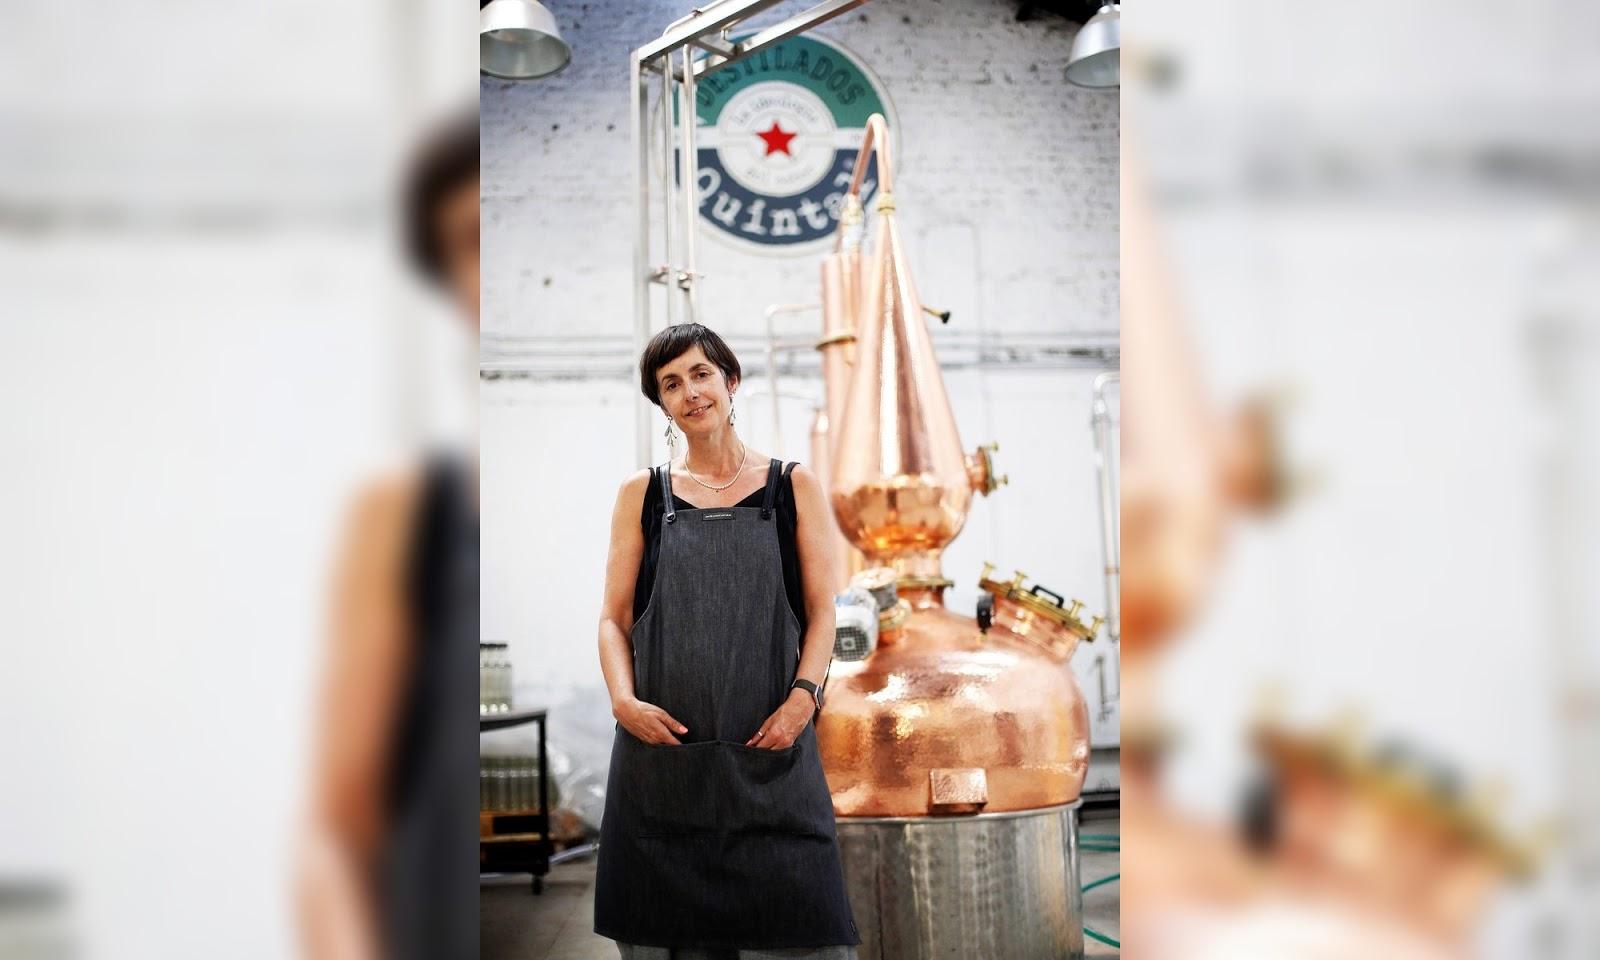 Tere Undurraga fabrica su propio gin